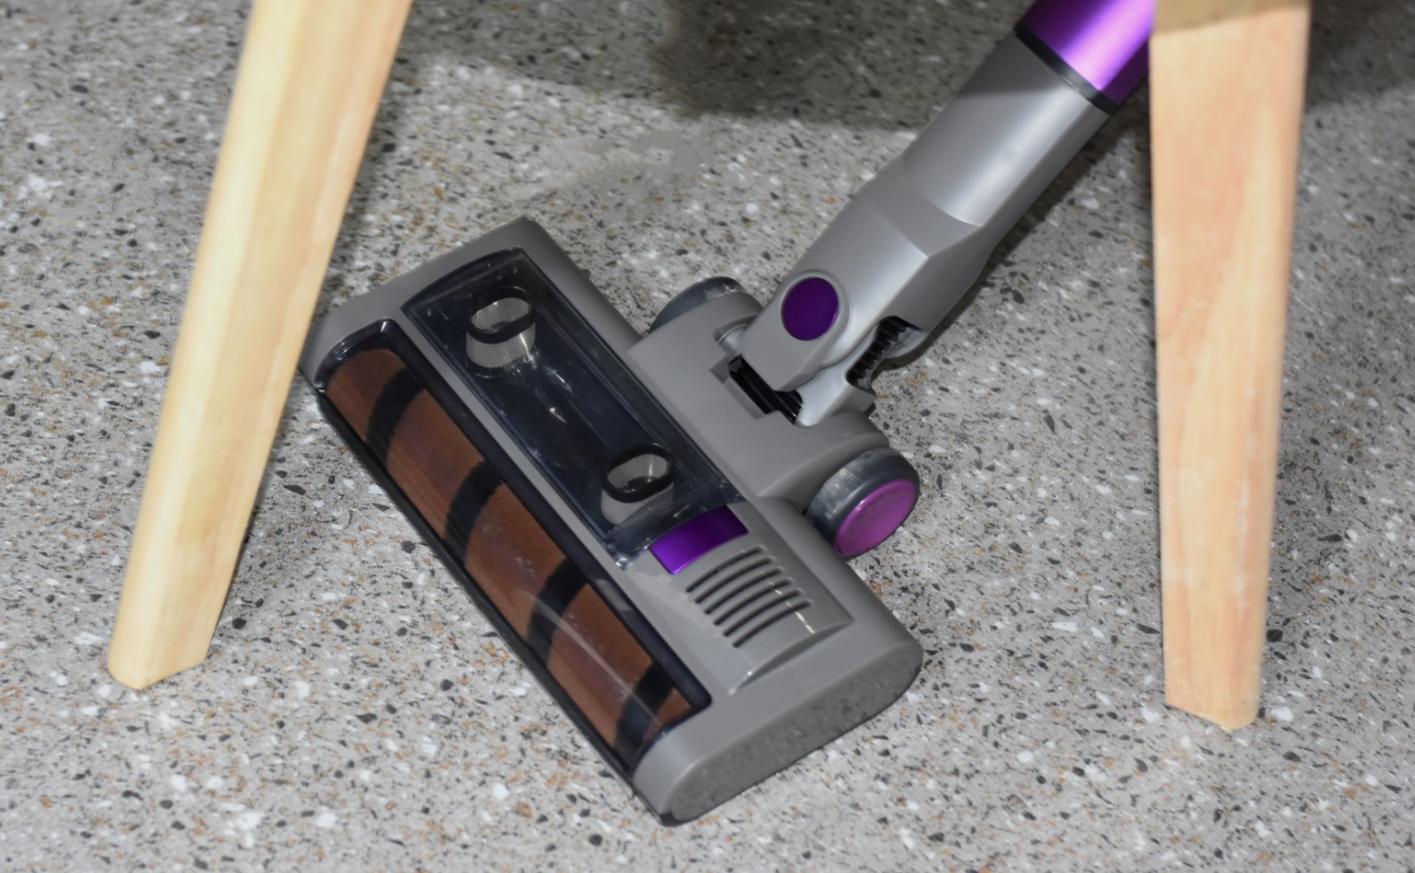 家居卫生轻松搞定,可单手操控的吉米小轻杆无线吸尘器